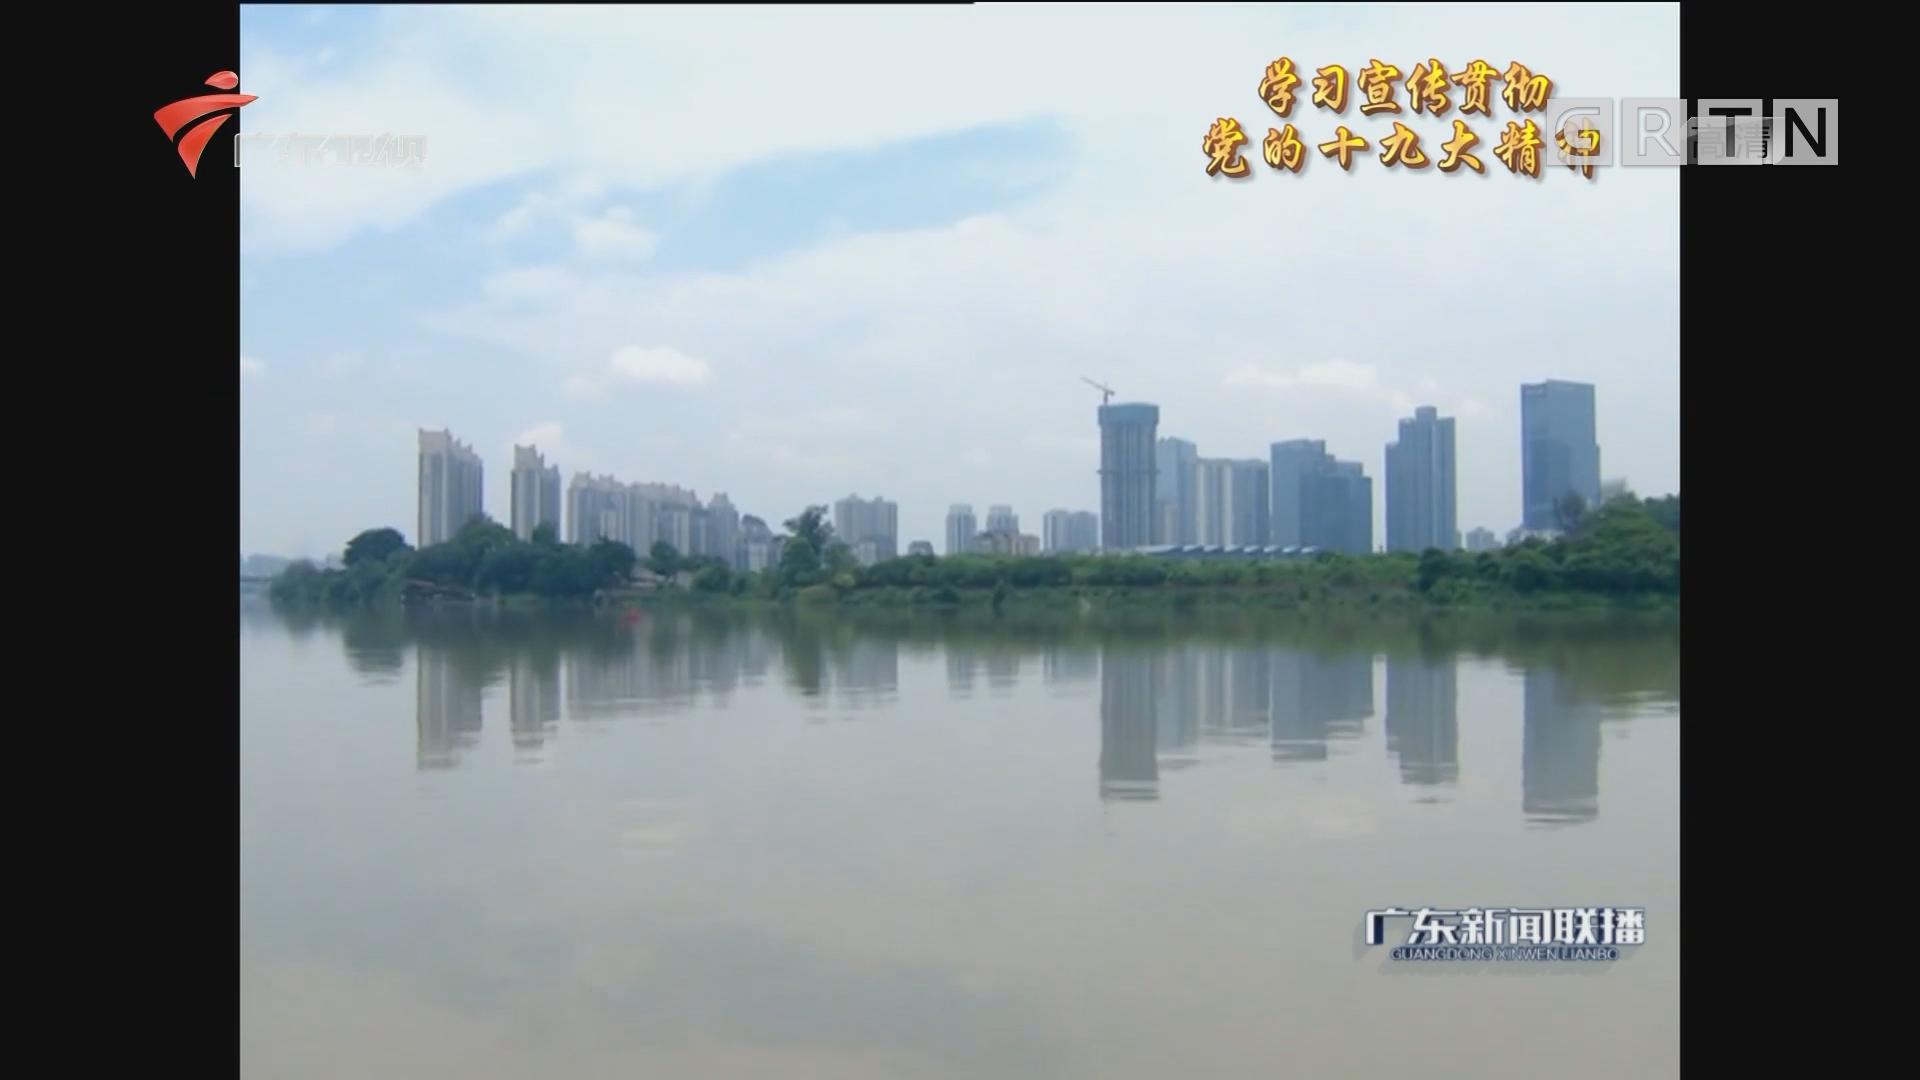 惠州:全面推行河长制 确保治水长清